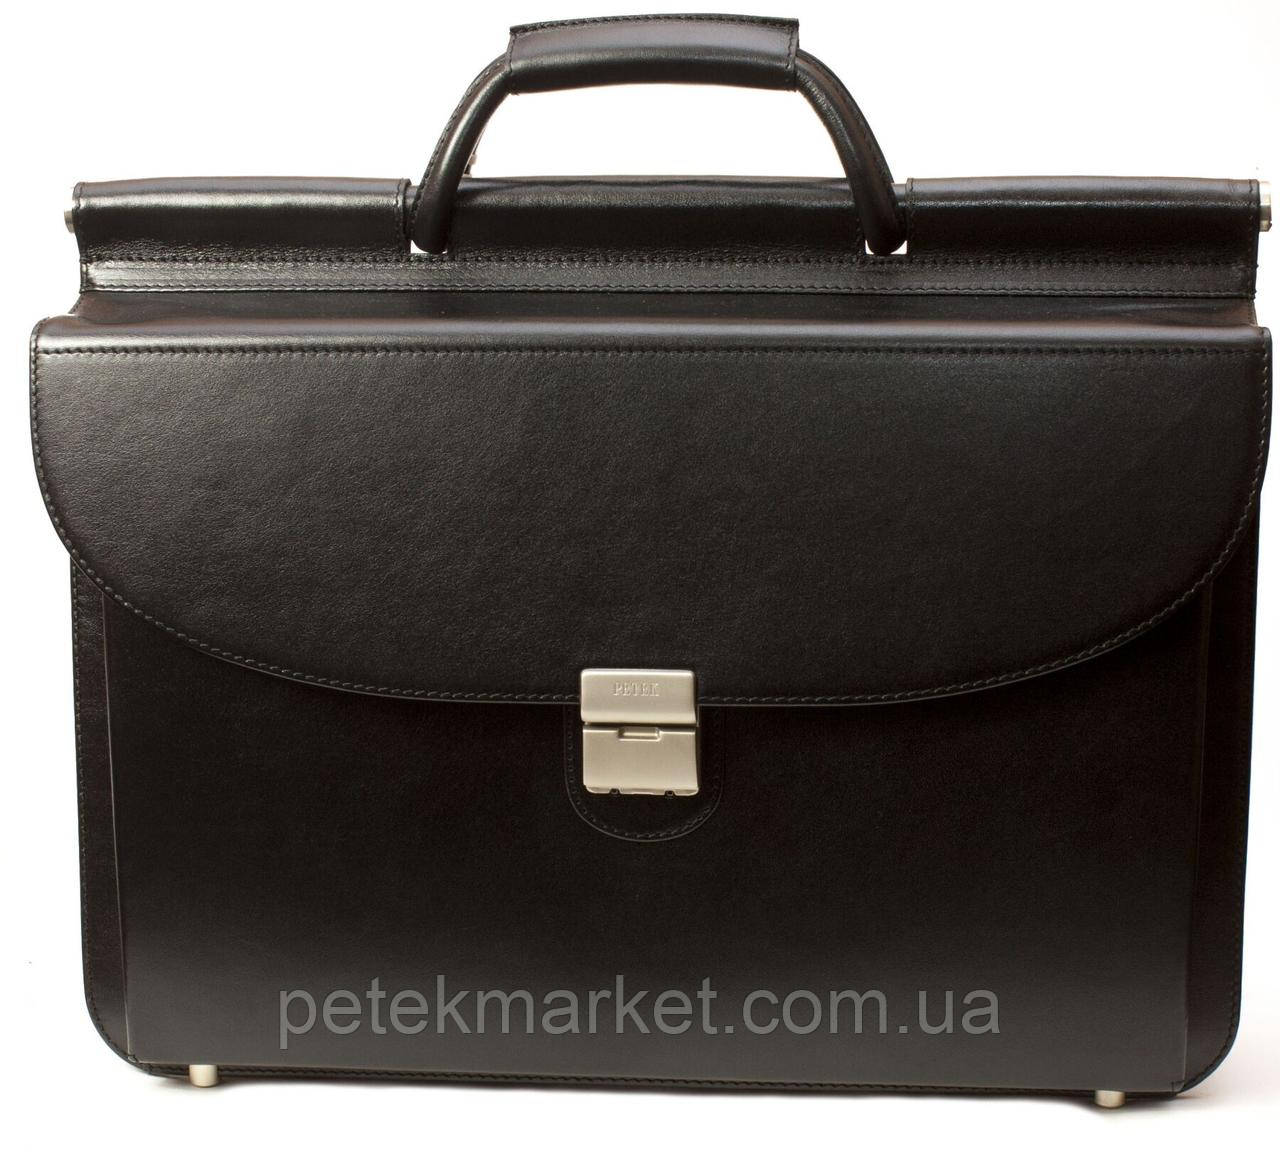 Кожаный двухсторонний портфель Petek 815-000-01